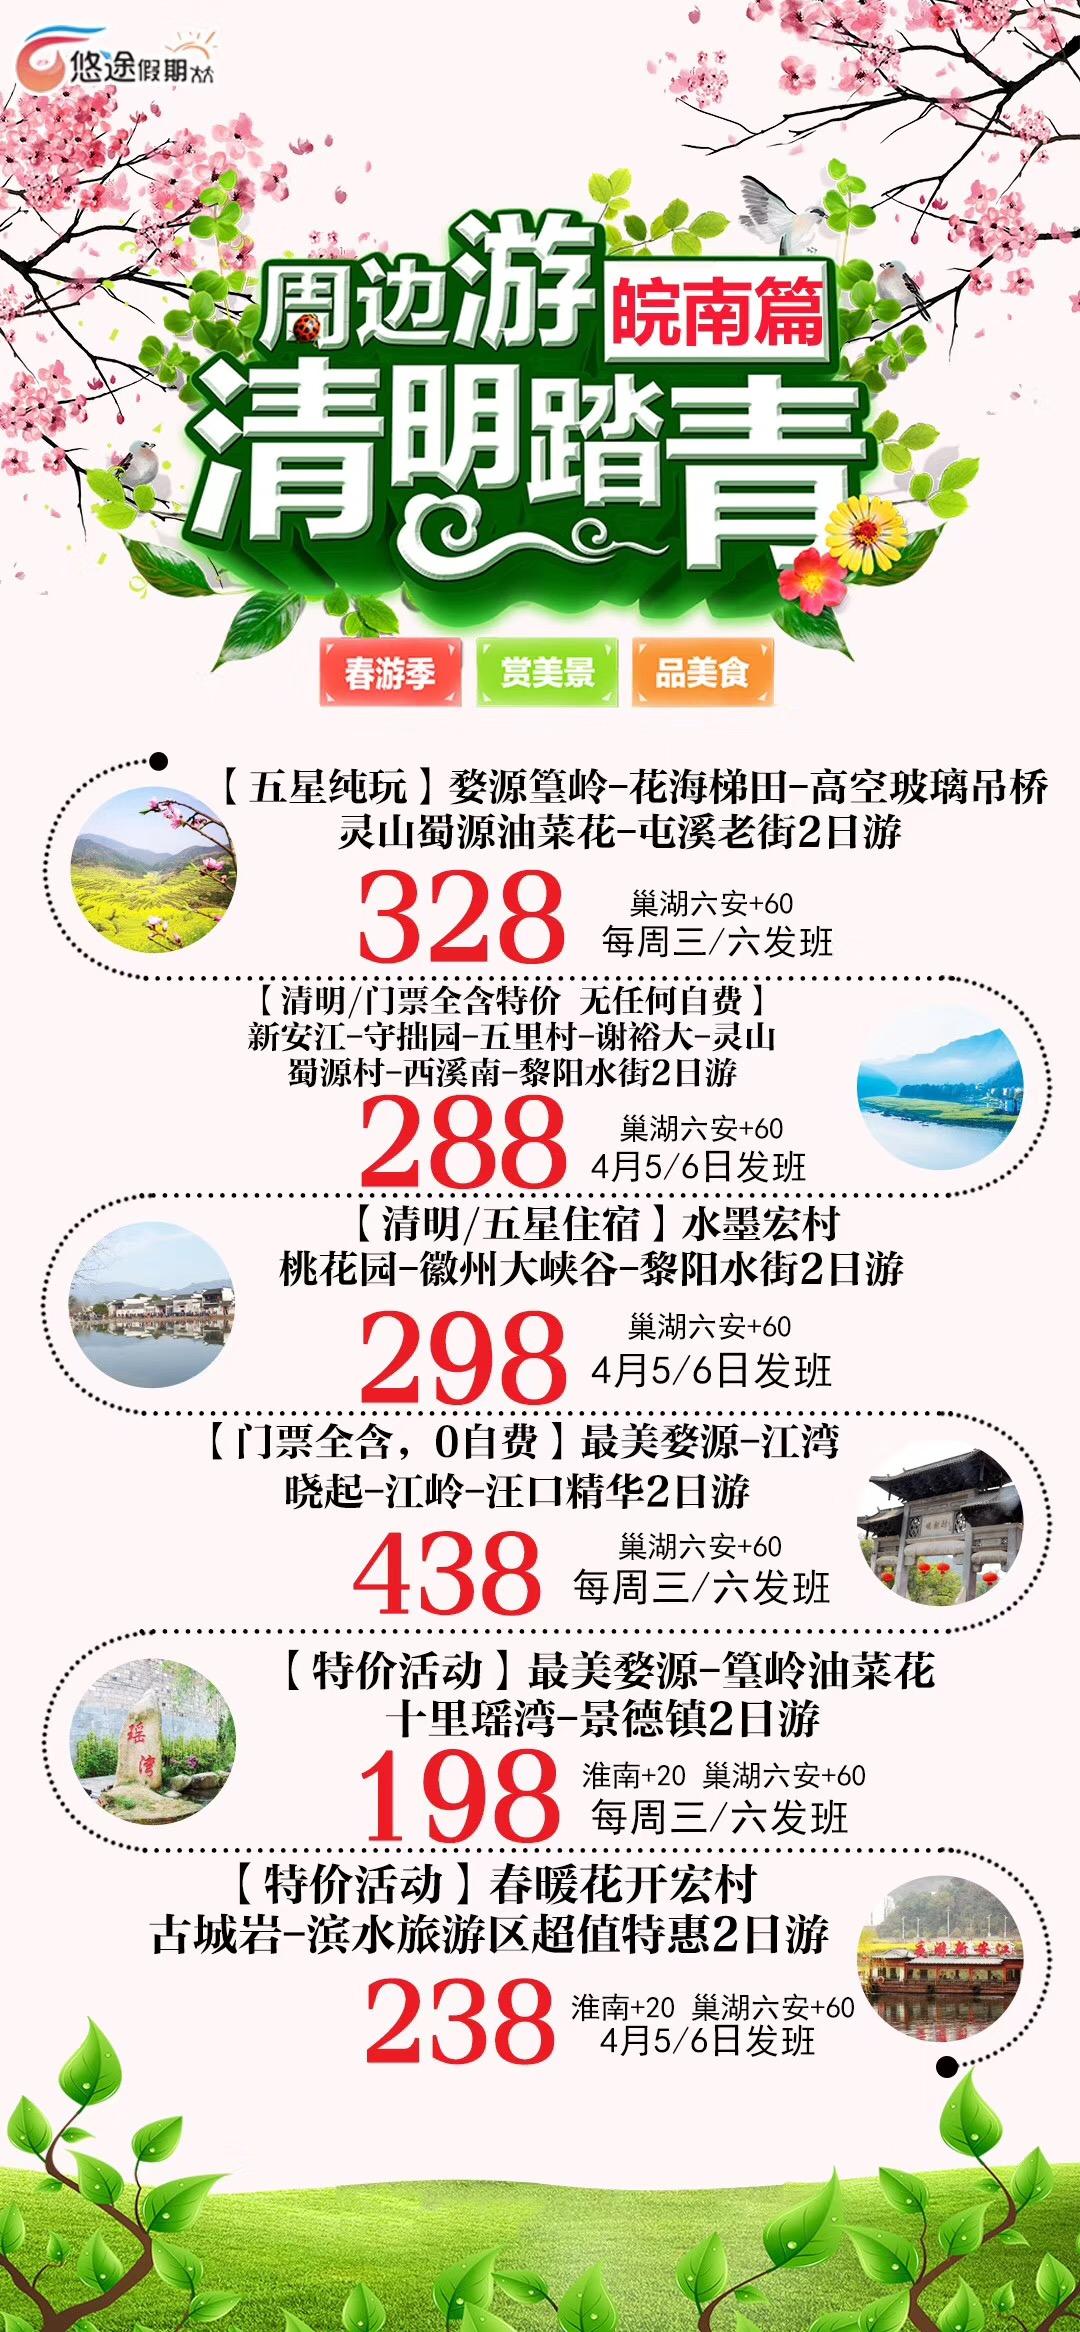 黄山 皖南游.jpg